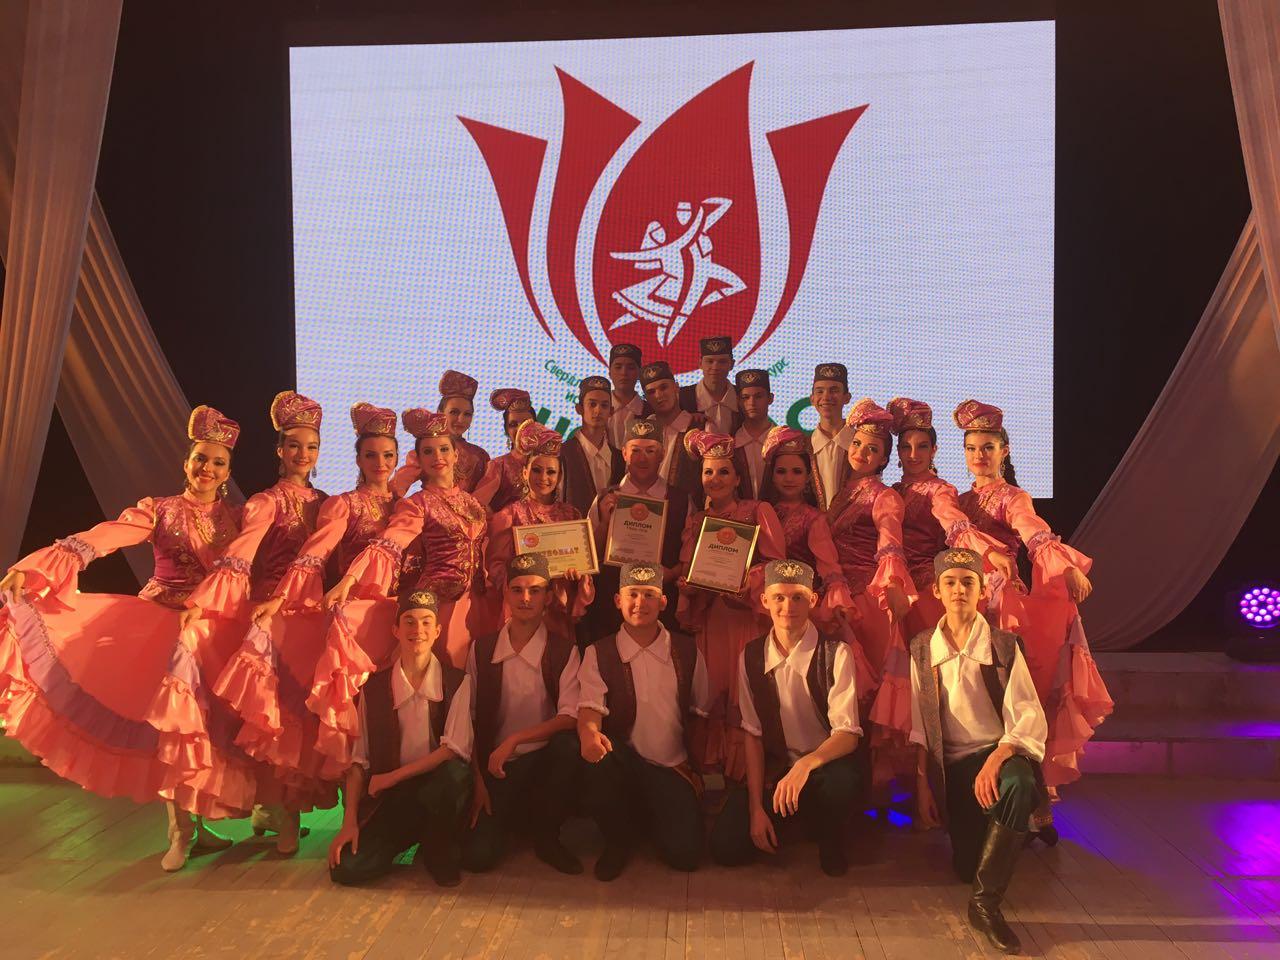 В Екатеринбурге прошёл областной конкурс исполнителей татарских танцев ''Шома бас''